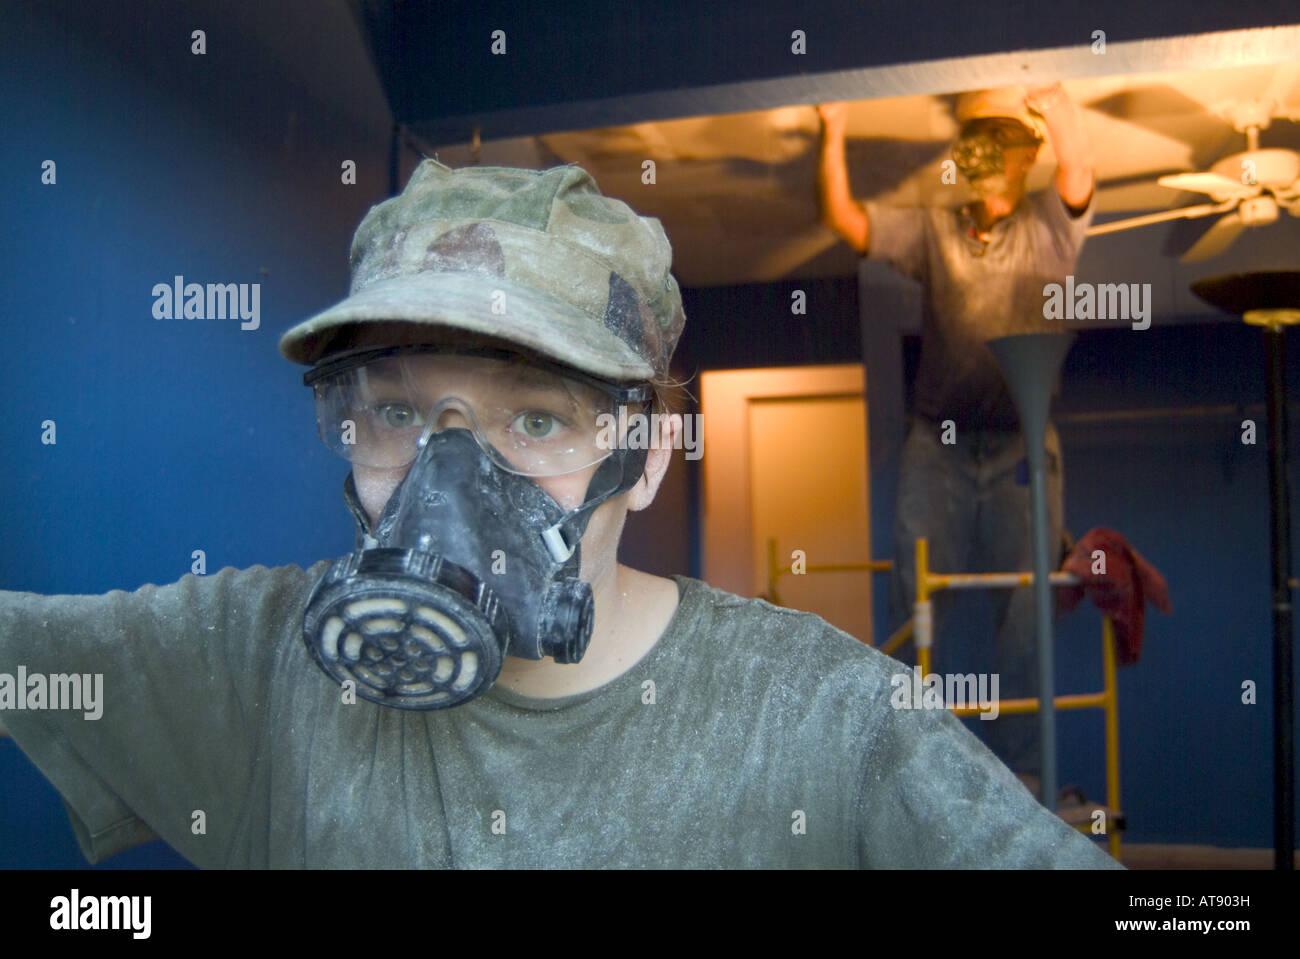 Accueil Travaux de construction. Le port d'un masque de ventalation adolescent tout en aidant à gratter le plafond avec plus african american man Banque D'Images